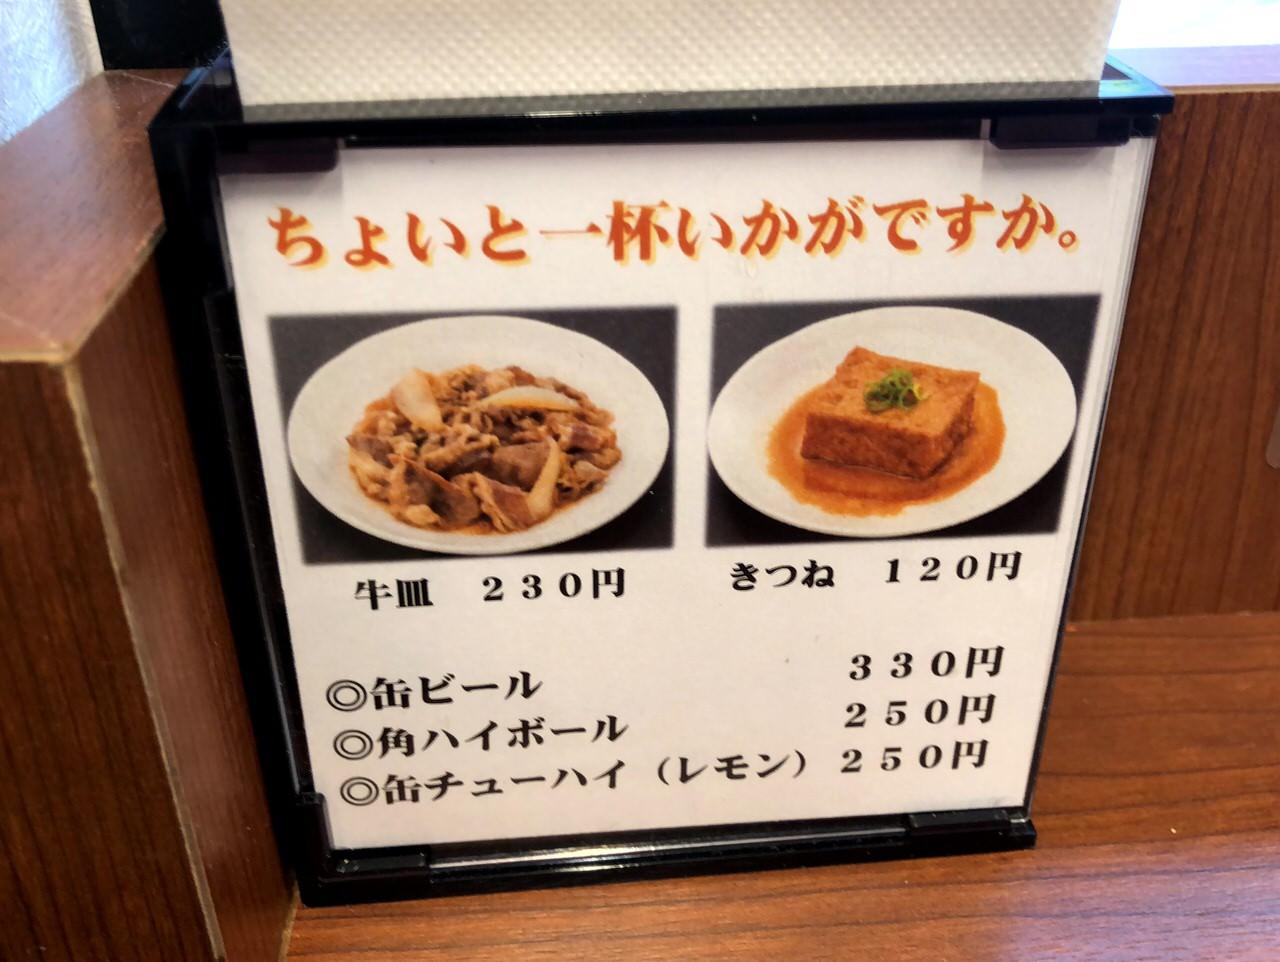 Ushiwakamaru gyudon 2625